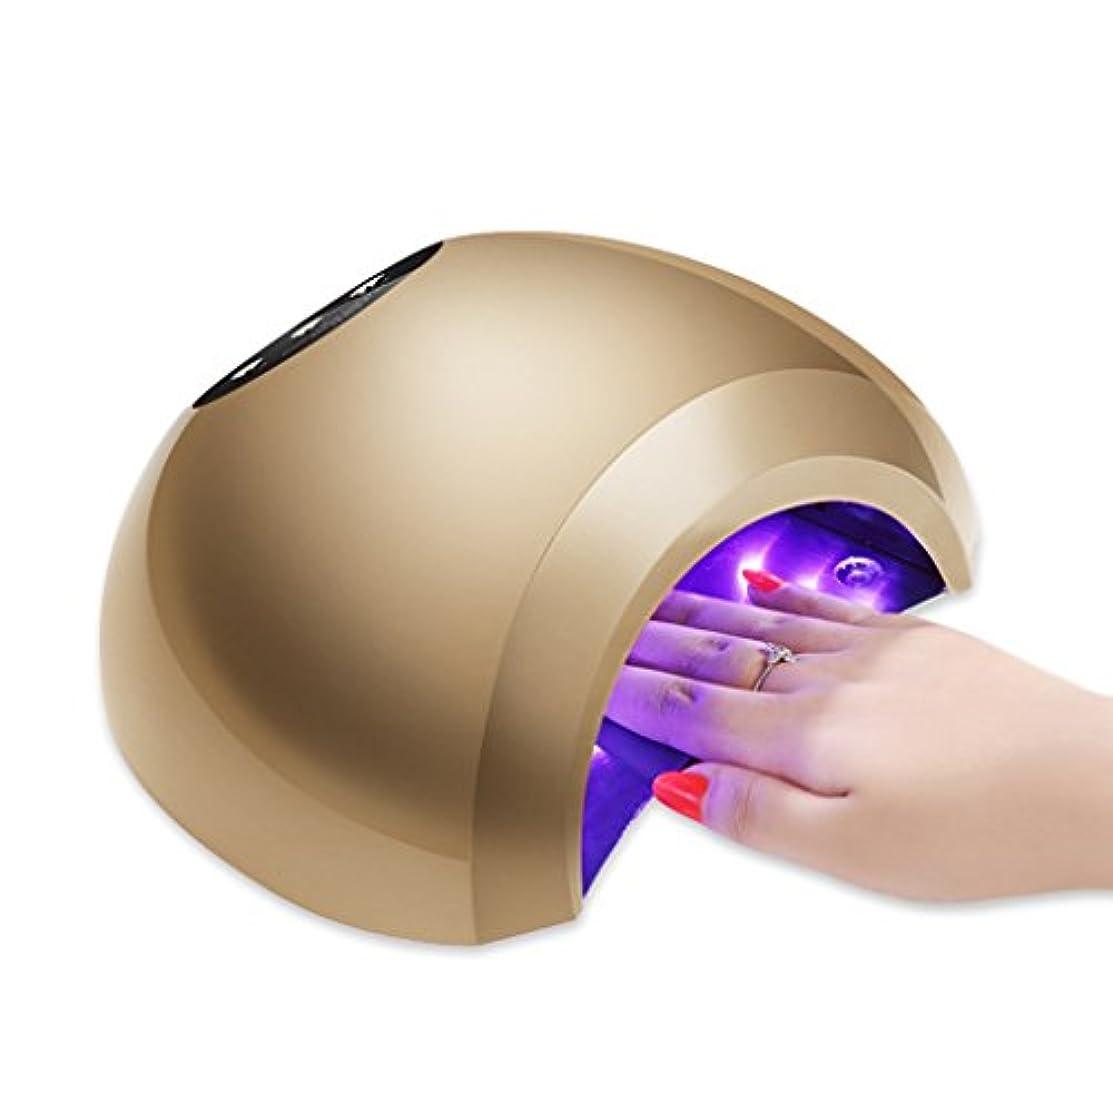 凝視トロイの木馬テキスト48WネイルランプUVビールジェルネイルドライヤー24ビーズ3タイマー設定10秒/ 30秒/ 60秒と自動センサー、プロ用ゲル硬化用硬化ランプ